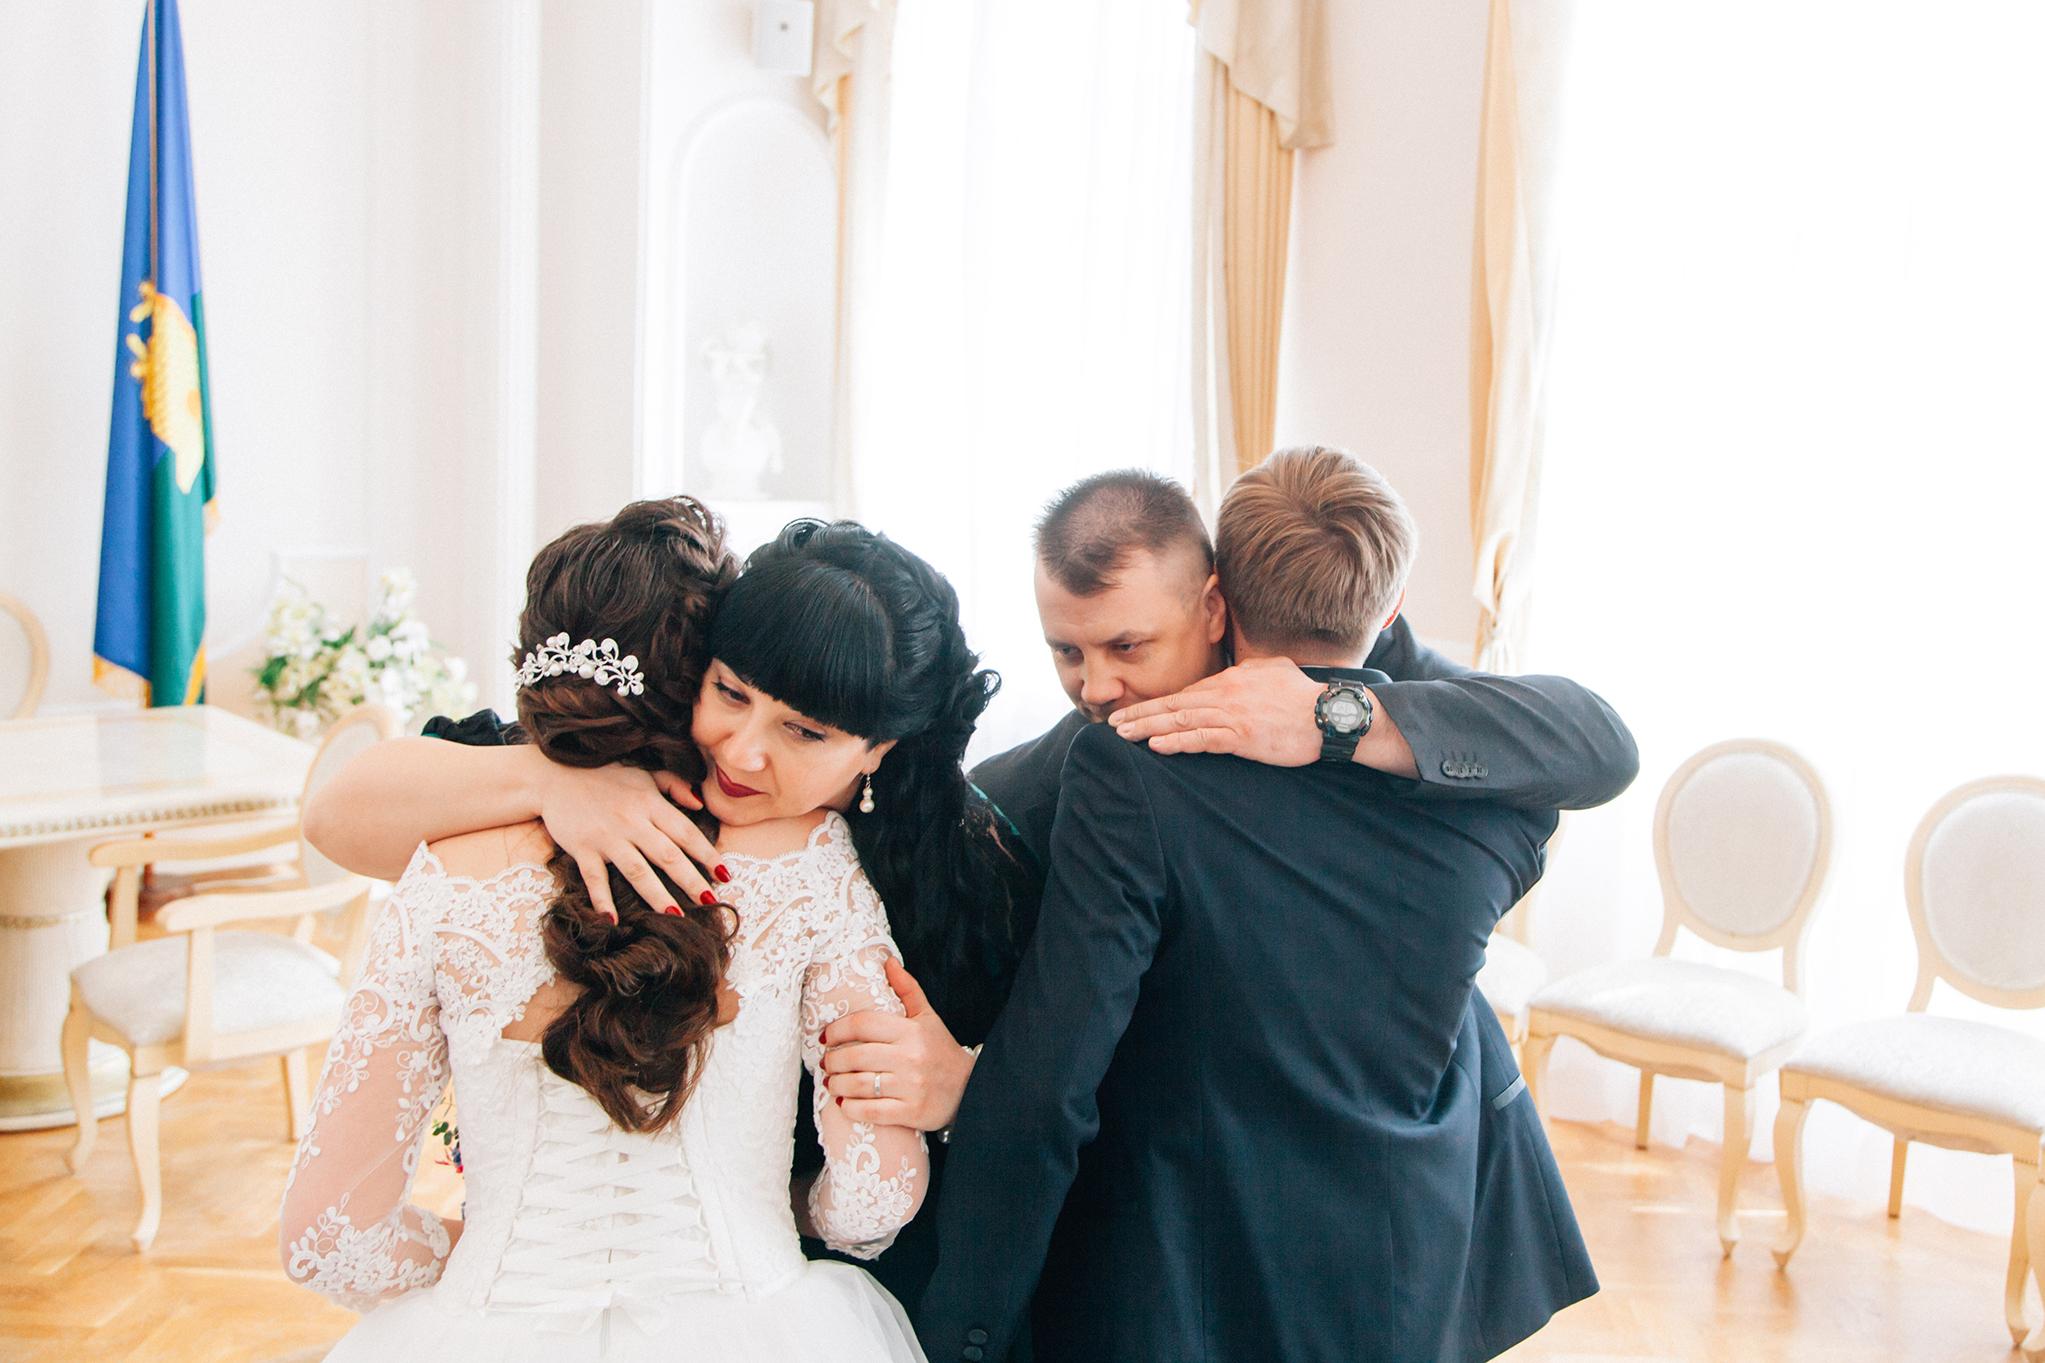 зал поздравлений во Дворце бракосочетания в Тамбове